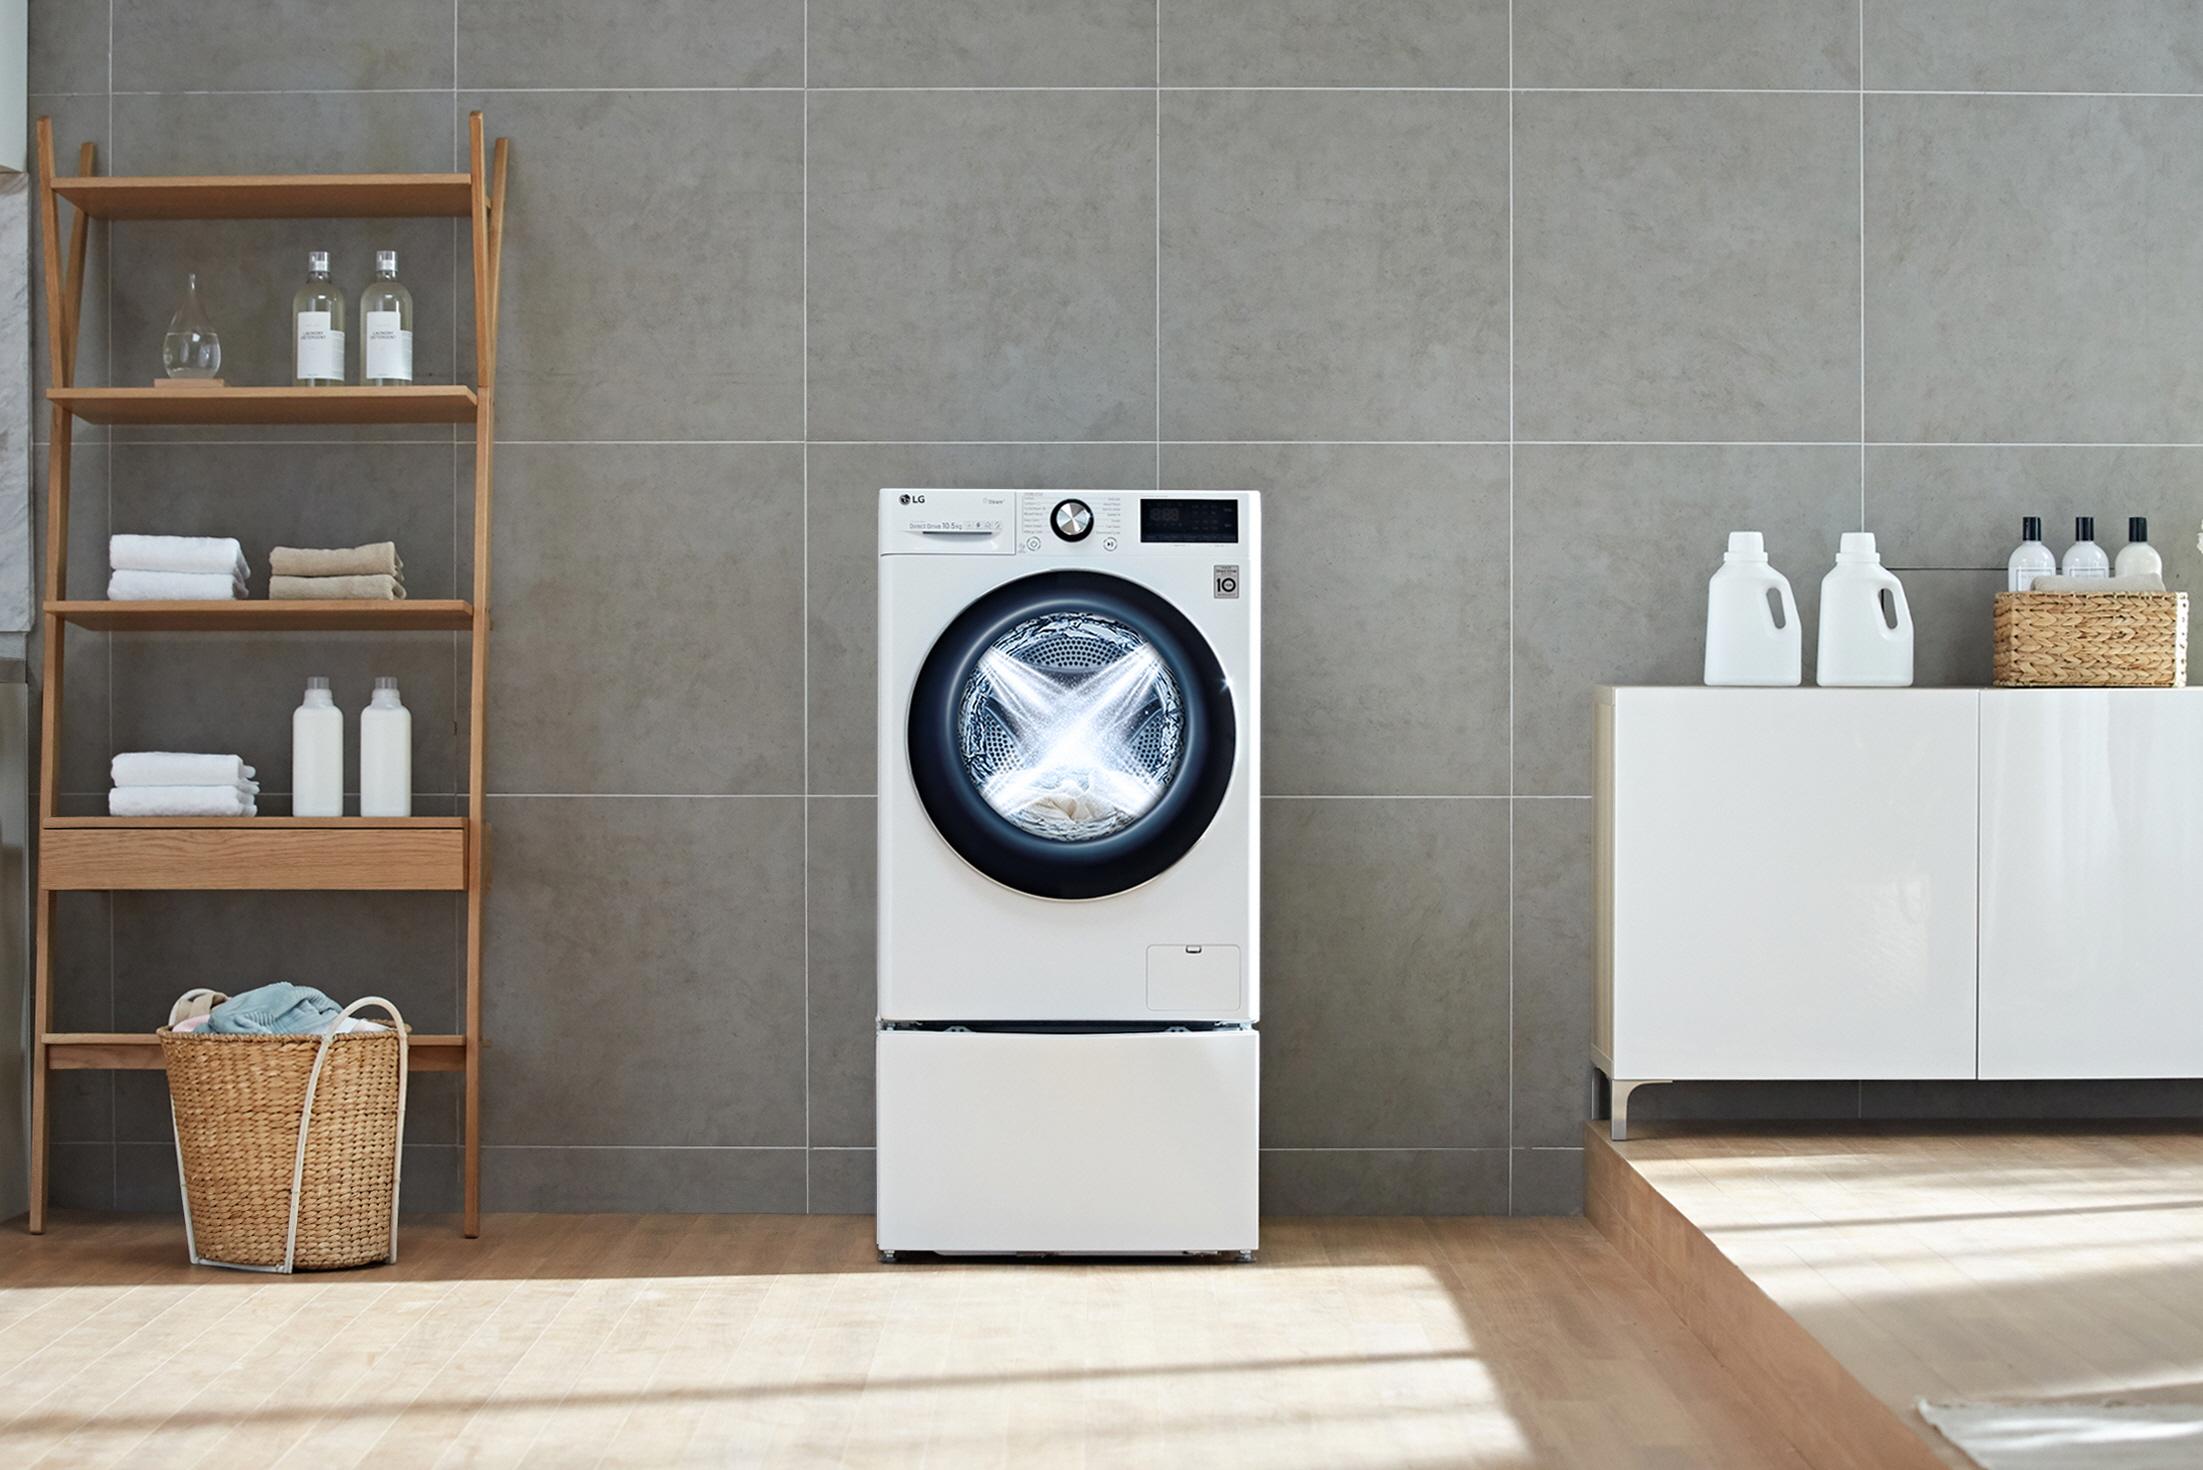 Η LG παρουσιάζει τα νέα πλυντήρια ρούχων με τεχνητή νοημοσύνη και ενισχυμένο Direct Drive (DD) μοτέρ